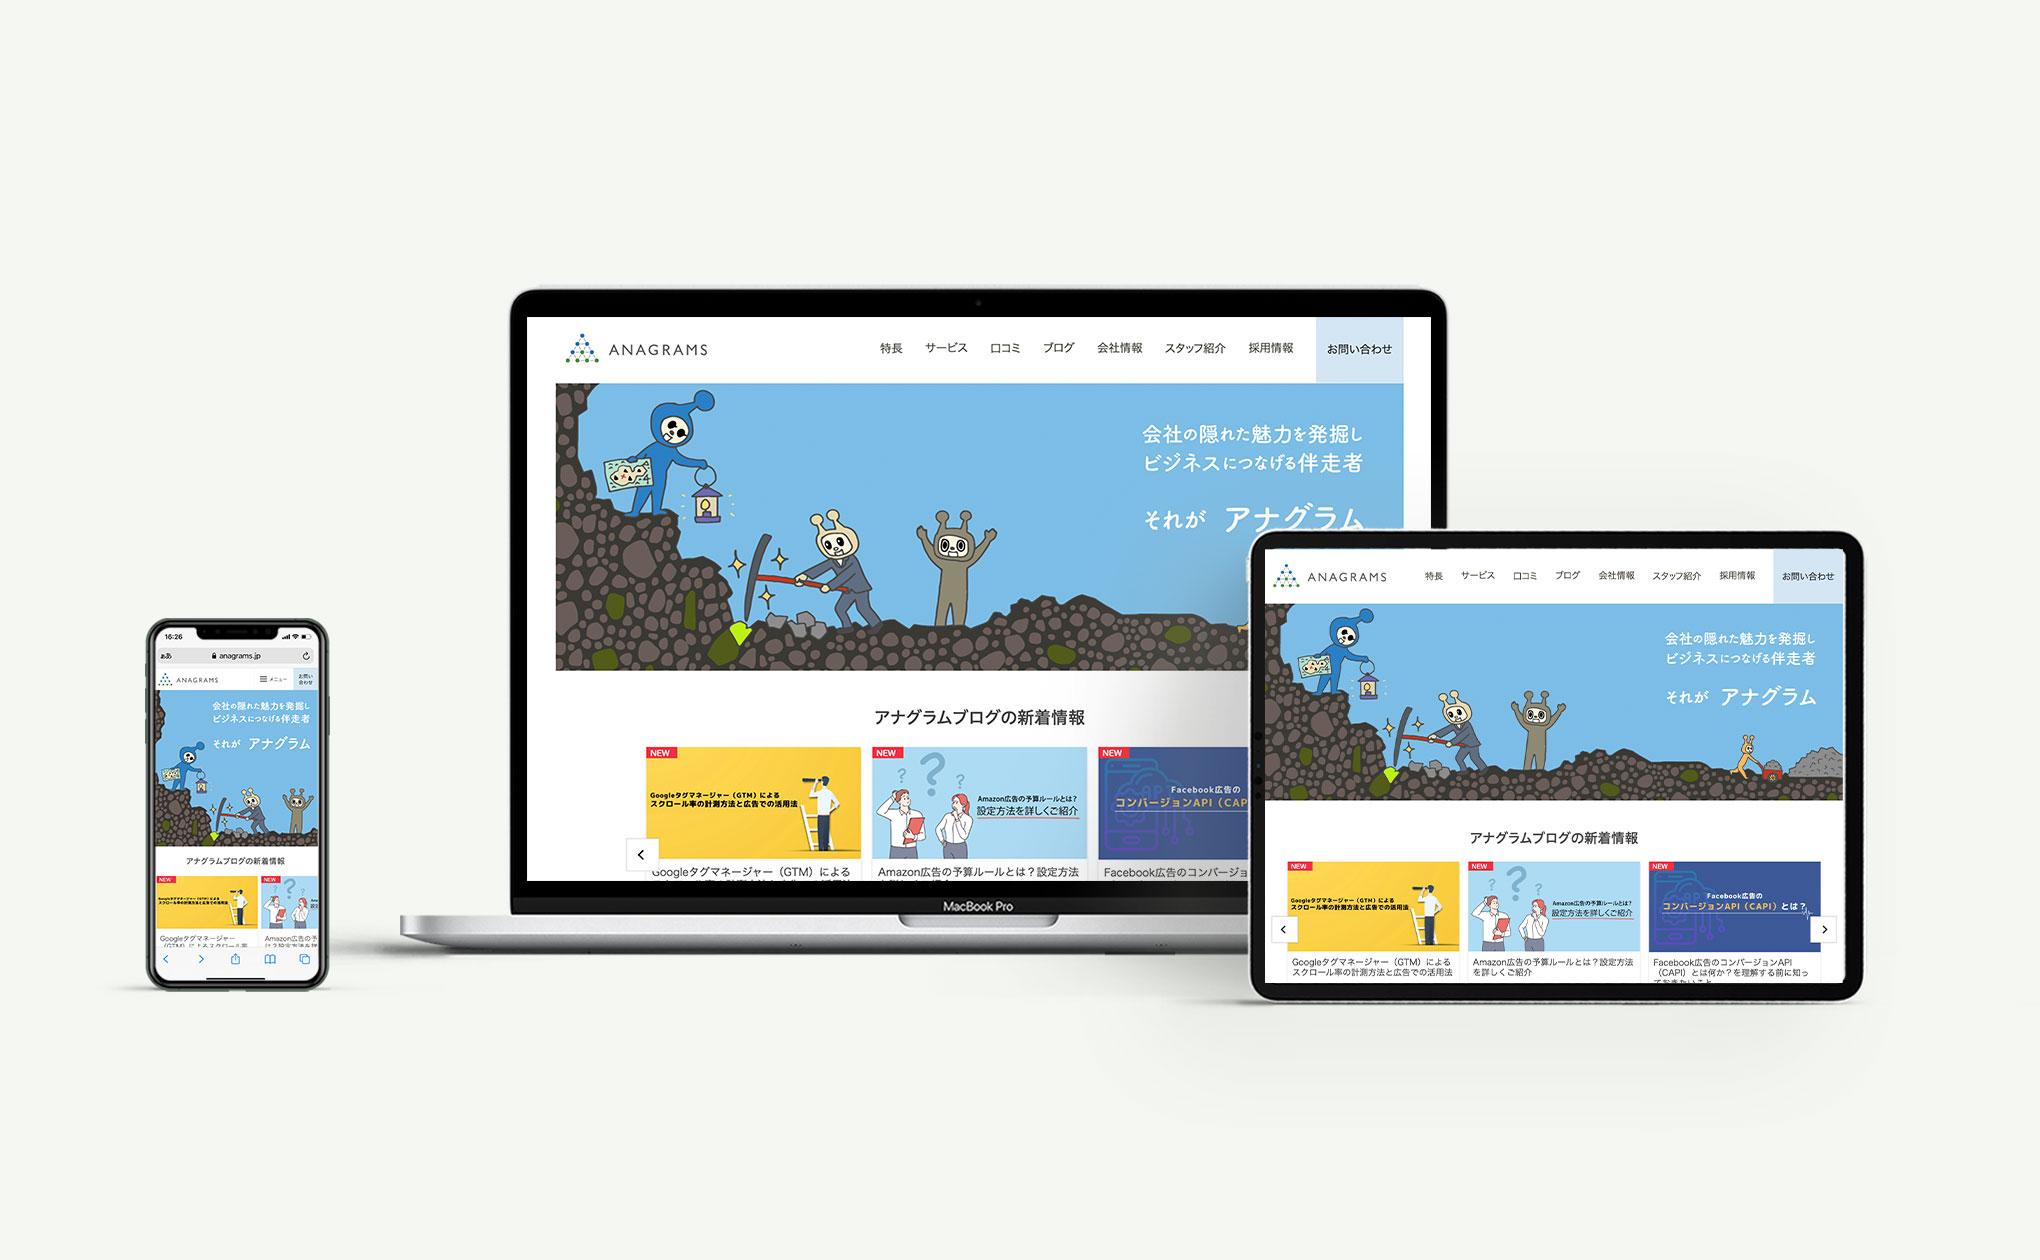 Anagrams株式会社コーポレートサイトのWeb、タブレット、スマホでの見え方(モックアップ)